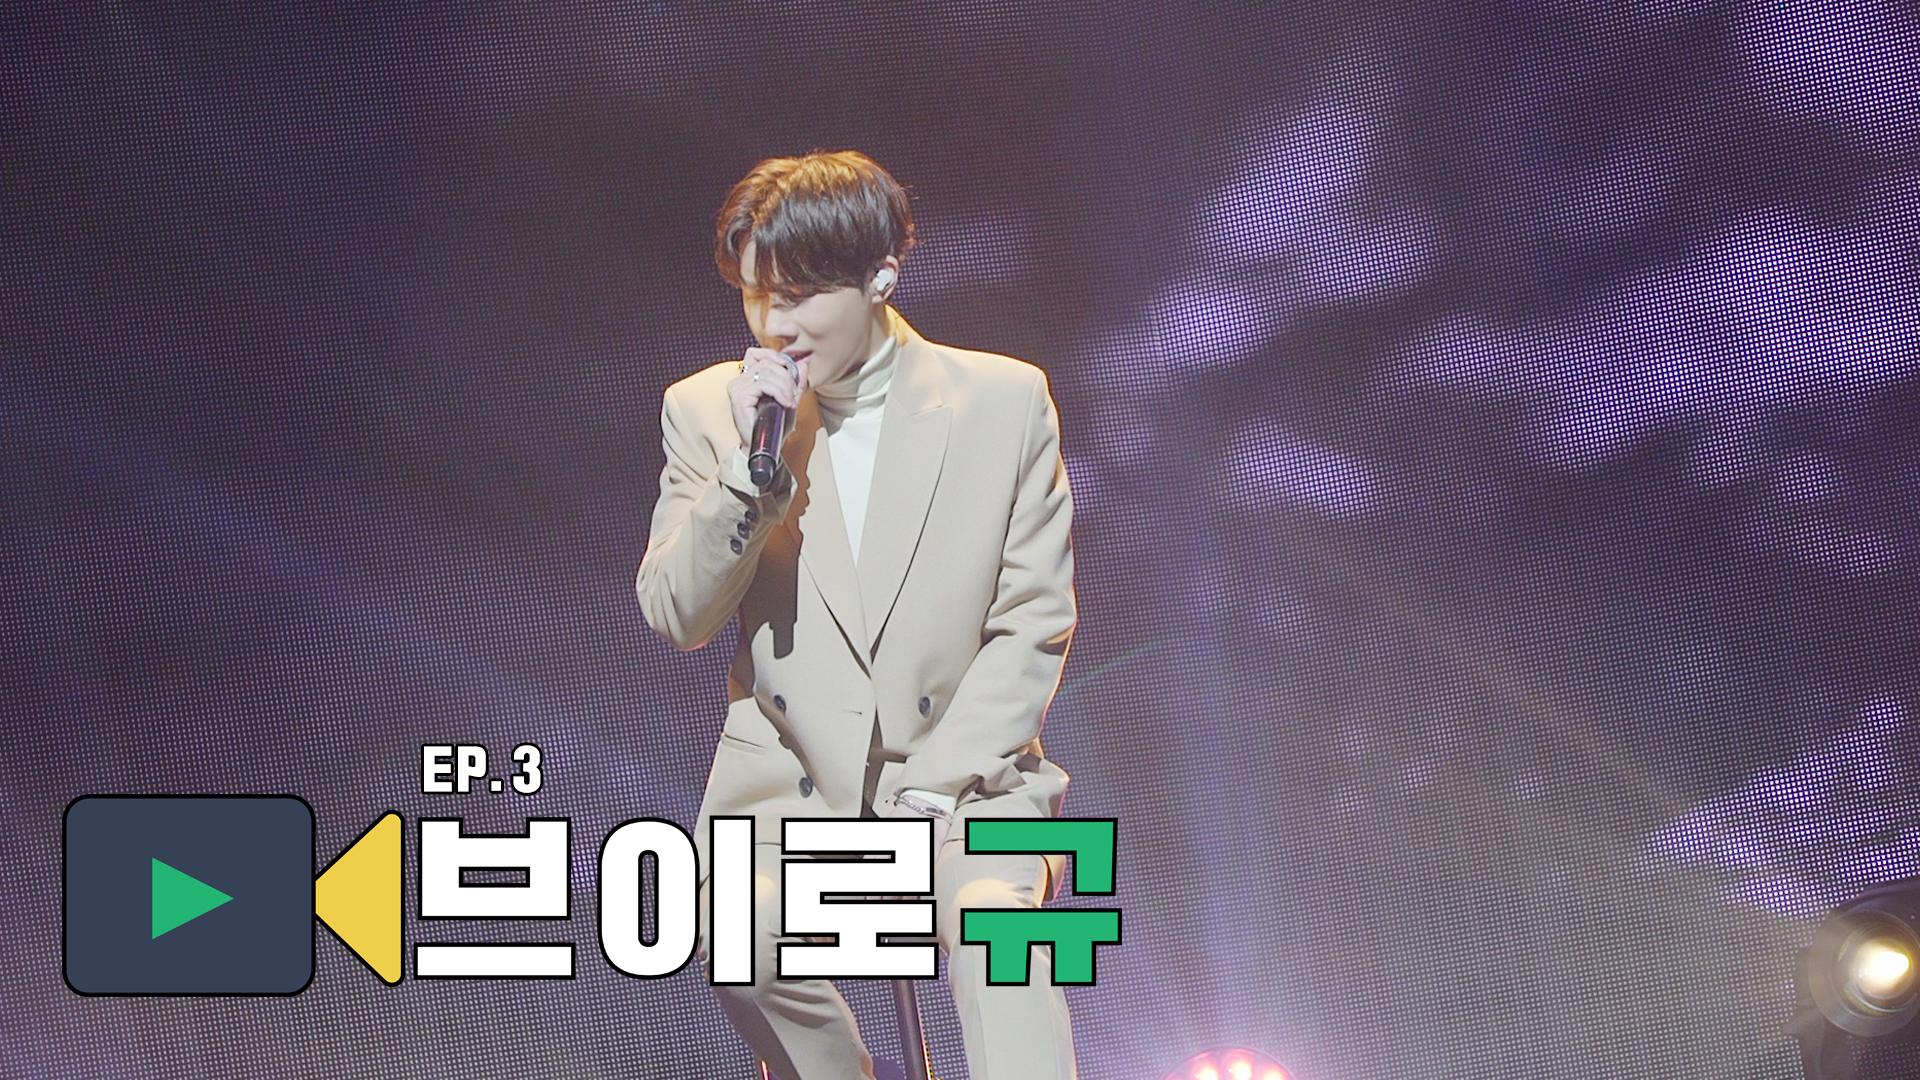 데뷔 10년차 아이돌도 긴장되는 쇼케이스 🎤   브이로규✌🎥   EP.3